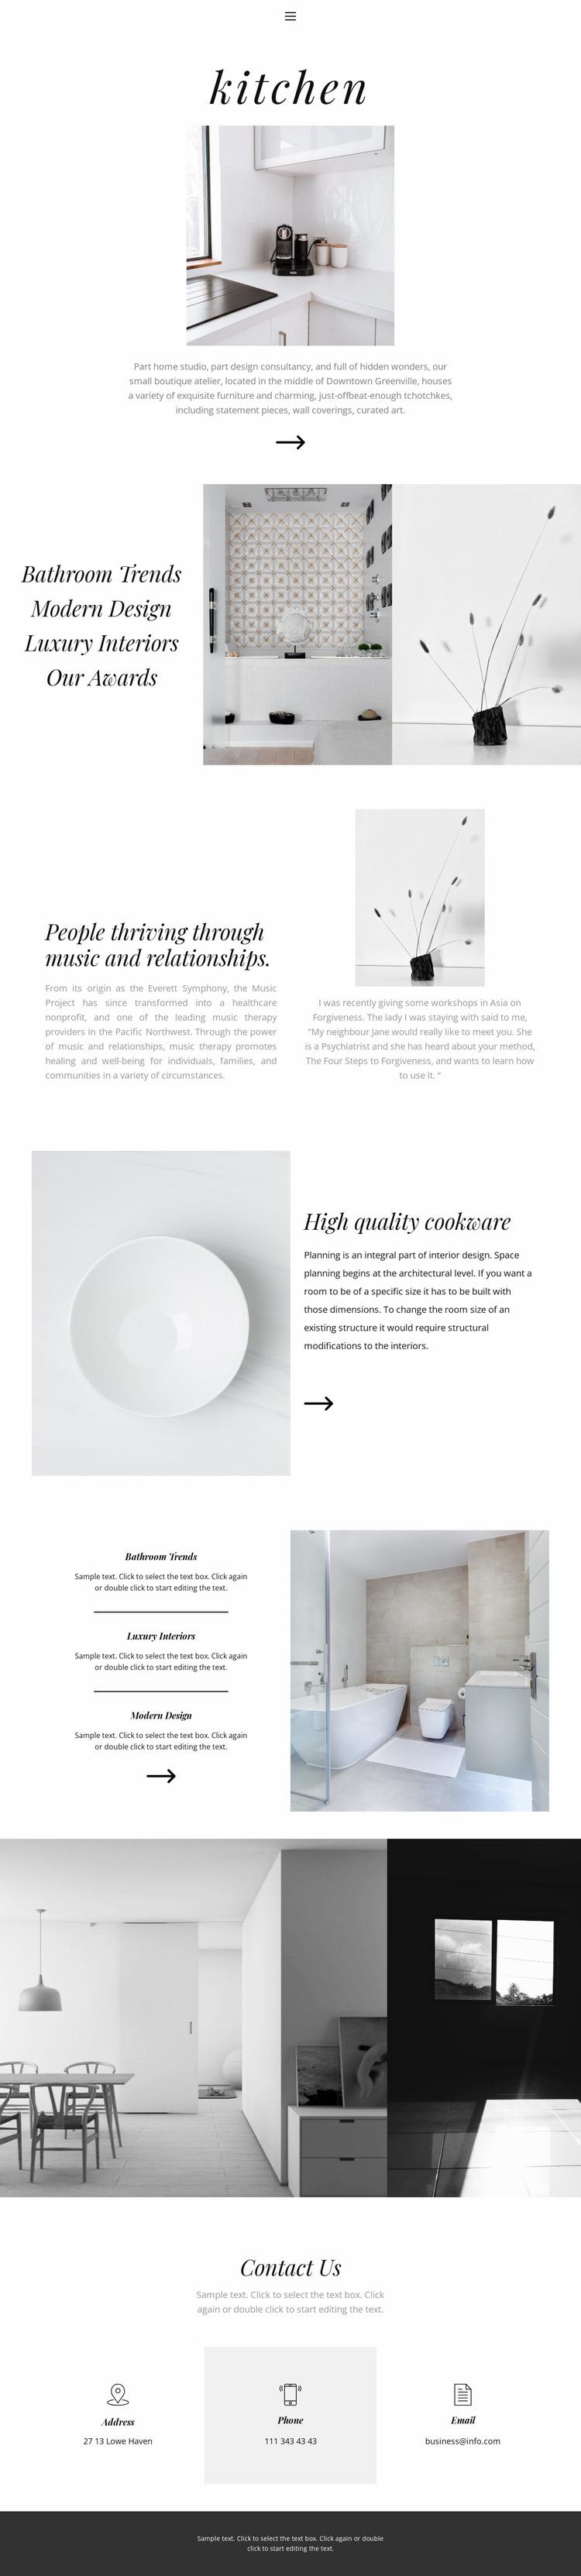 Turnkey interior Website Design